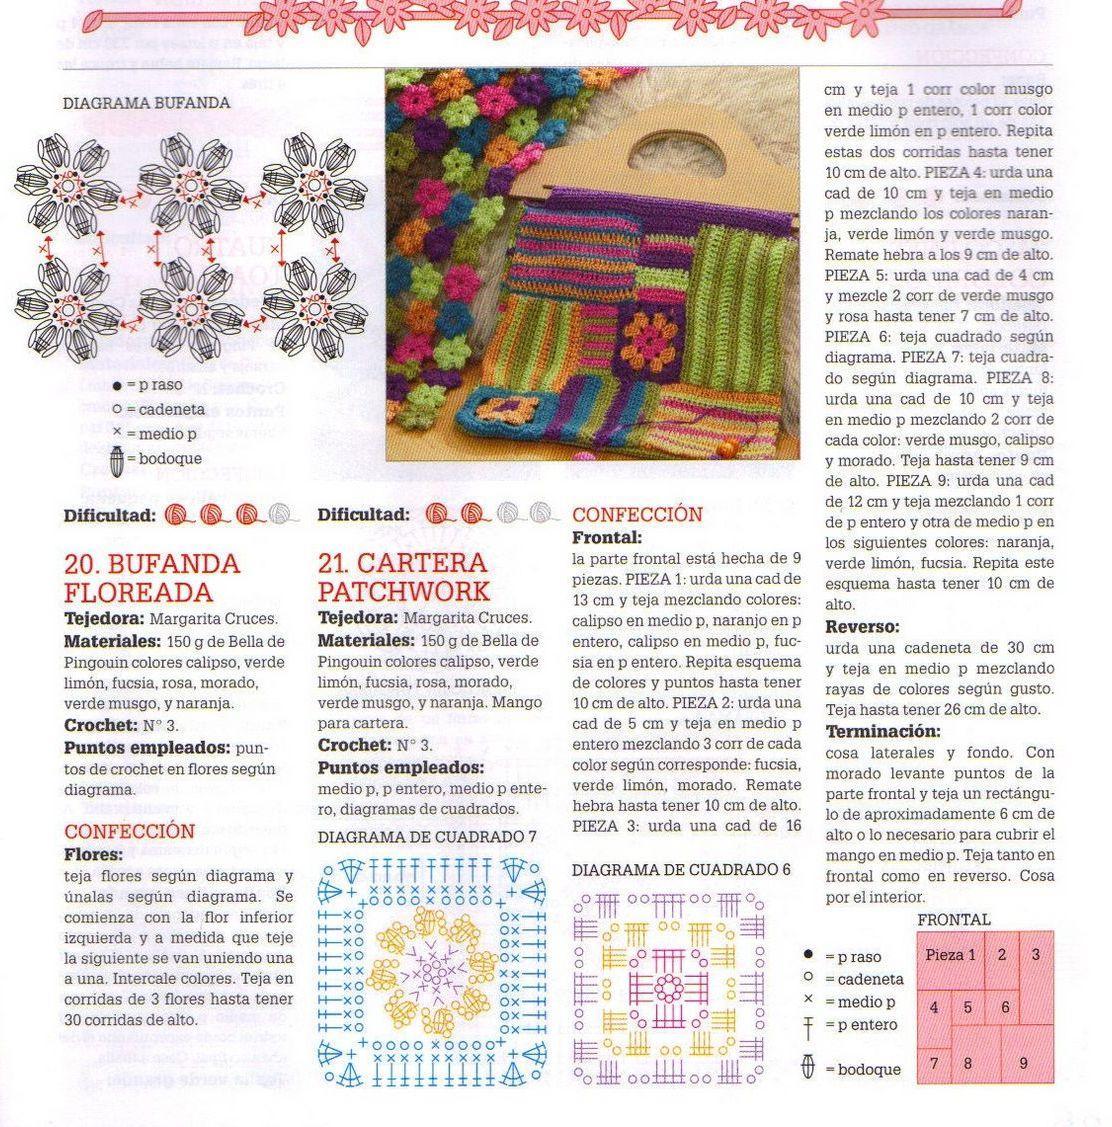 Vistoso Crochet Patrón De Flor Bufanda Viñeta - Ideas de Patrón de ...